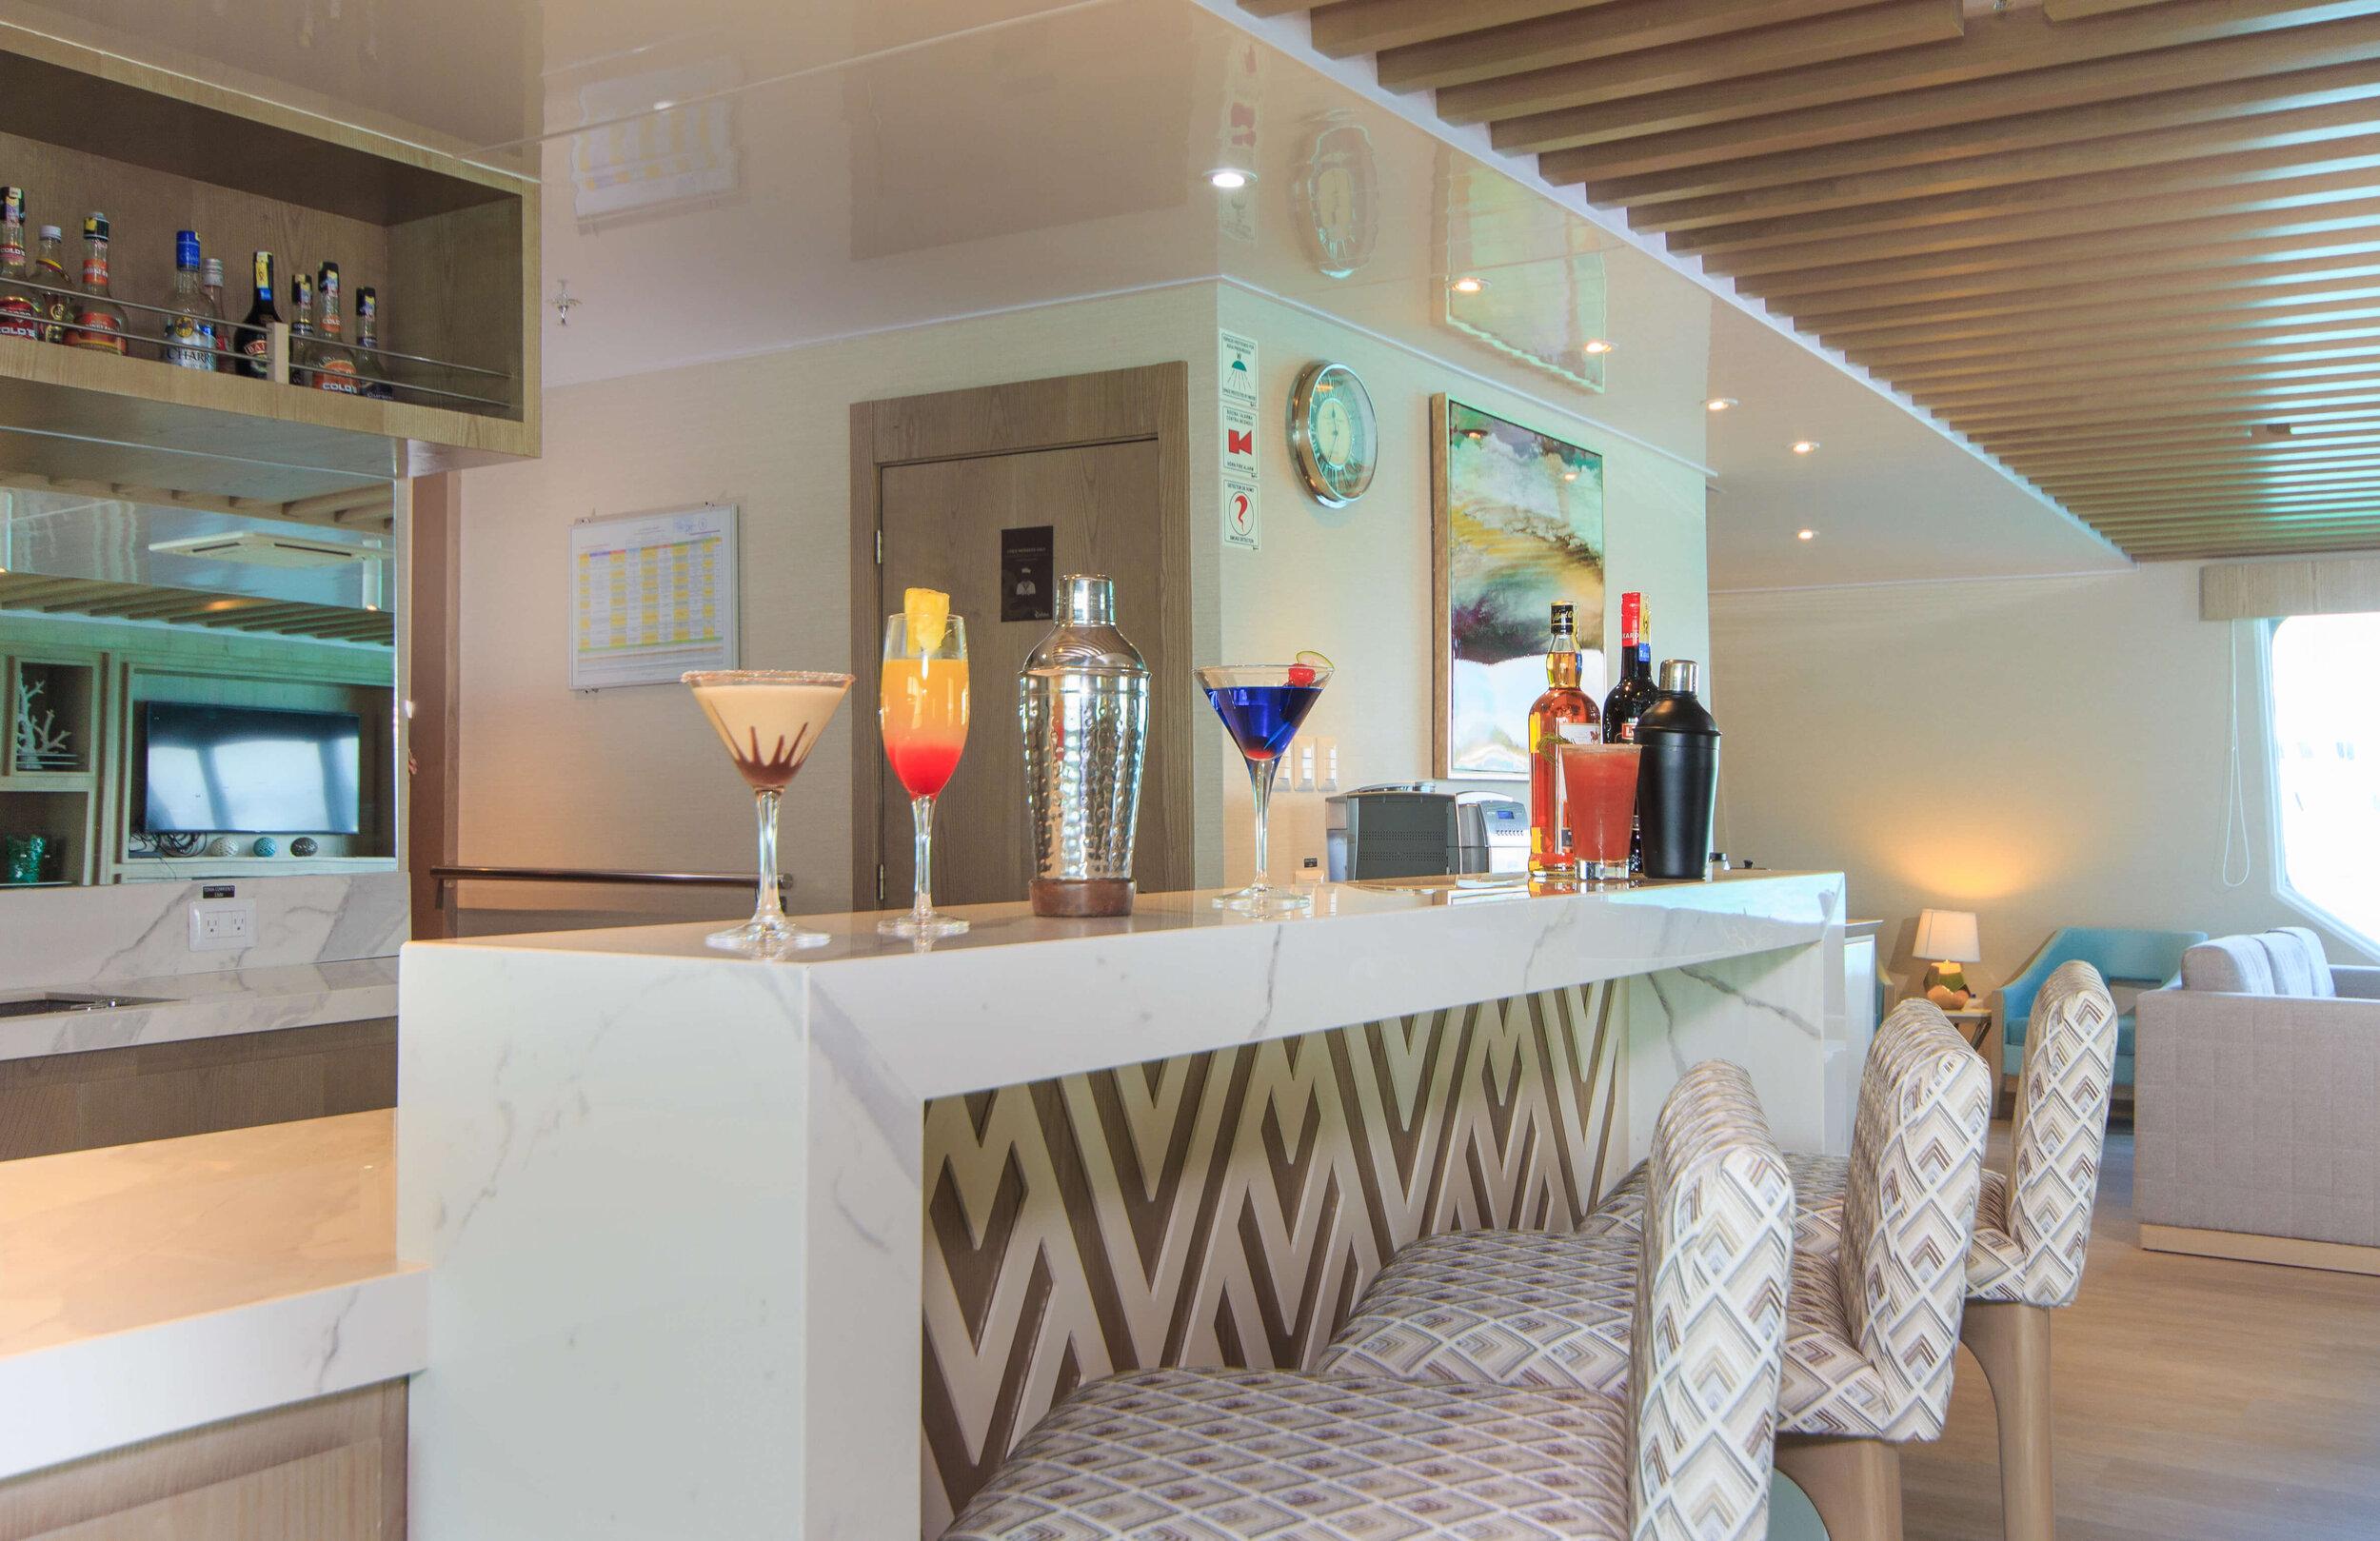 Endemic - interior bar - main deck - nov. 18 (1).jpg